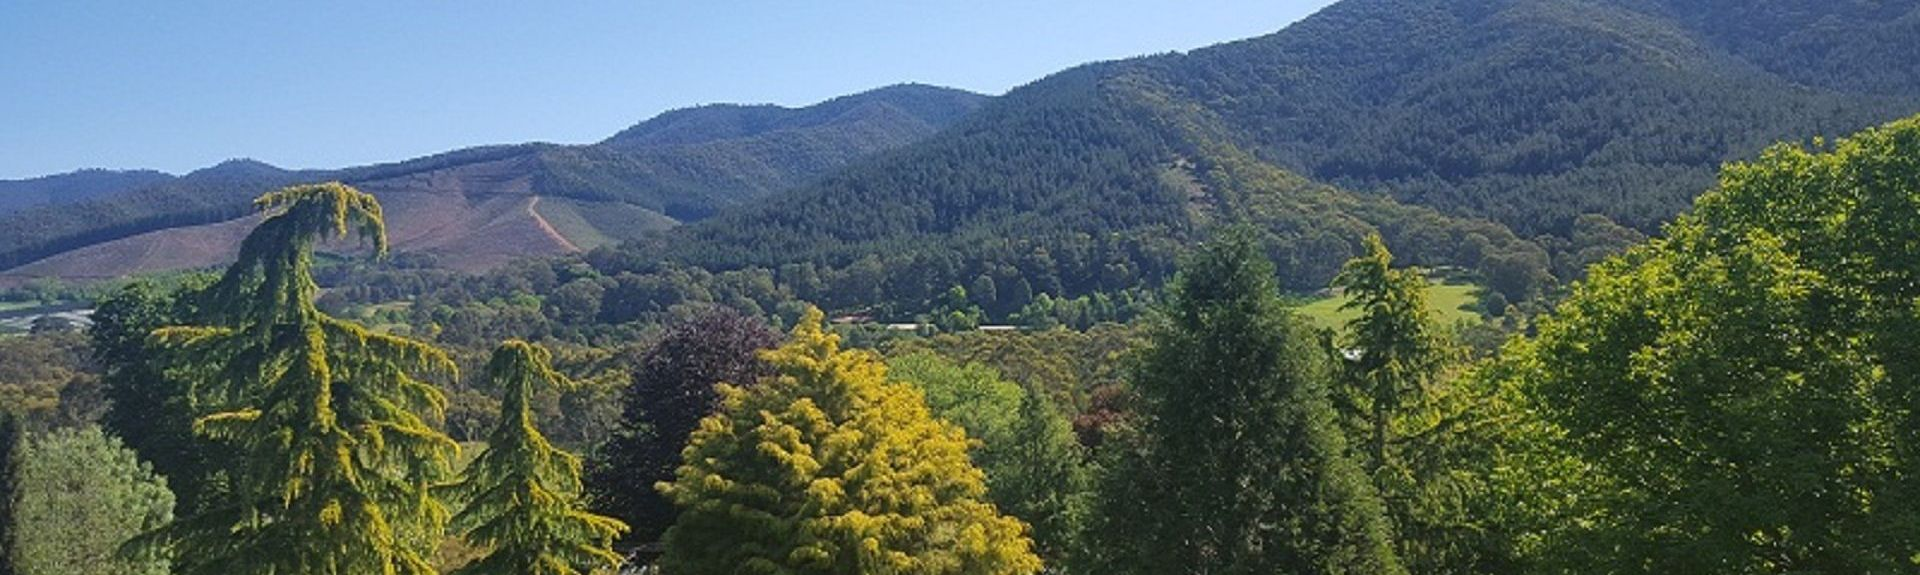 Posto de Turismo Alpine, Bright, Victoria, Austrália